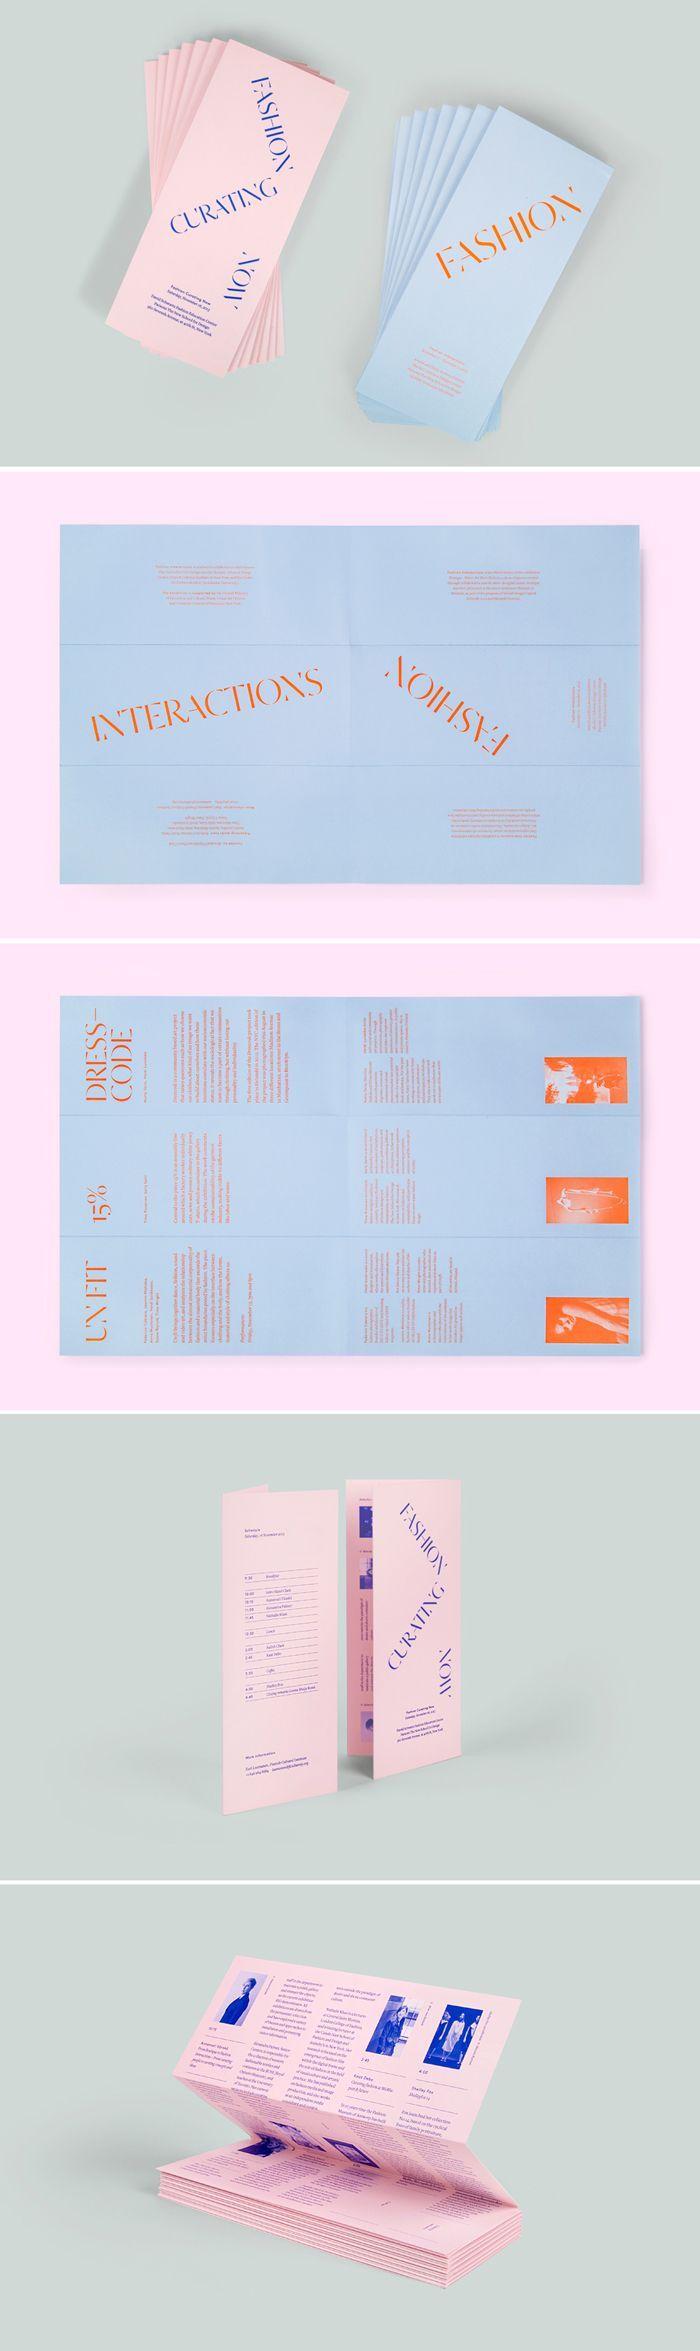 Fashion Interactions | Lotta Nieminen, 2013